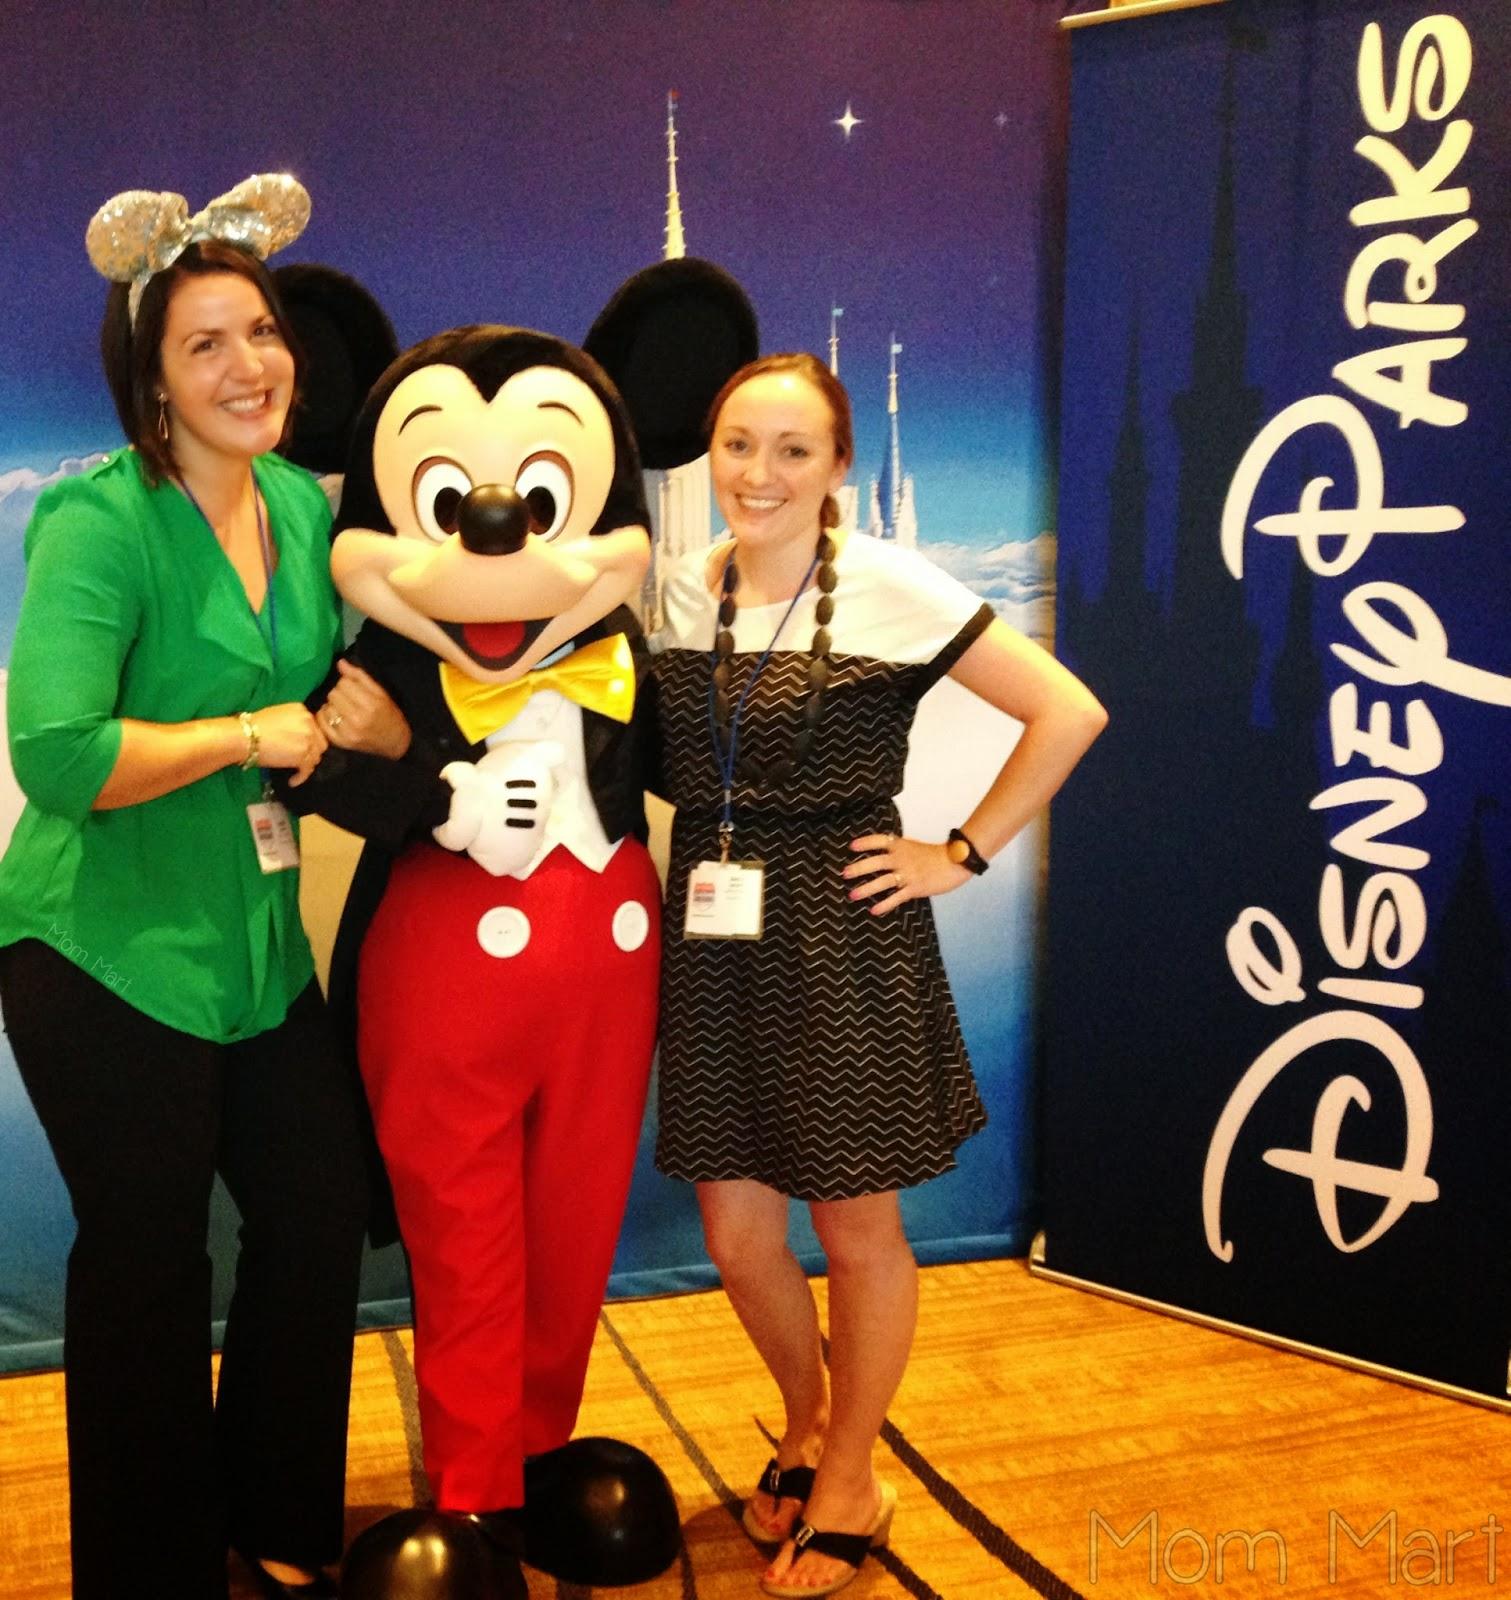 Disney OTR Celebration in Chicago #DisneyOTR #DisneySMMedia #Mickey Mouse #BabyDickey #MomMart